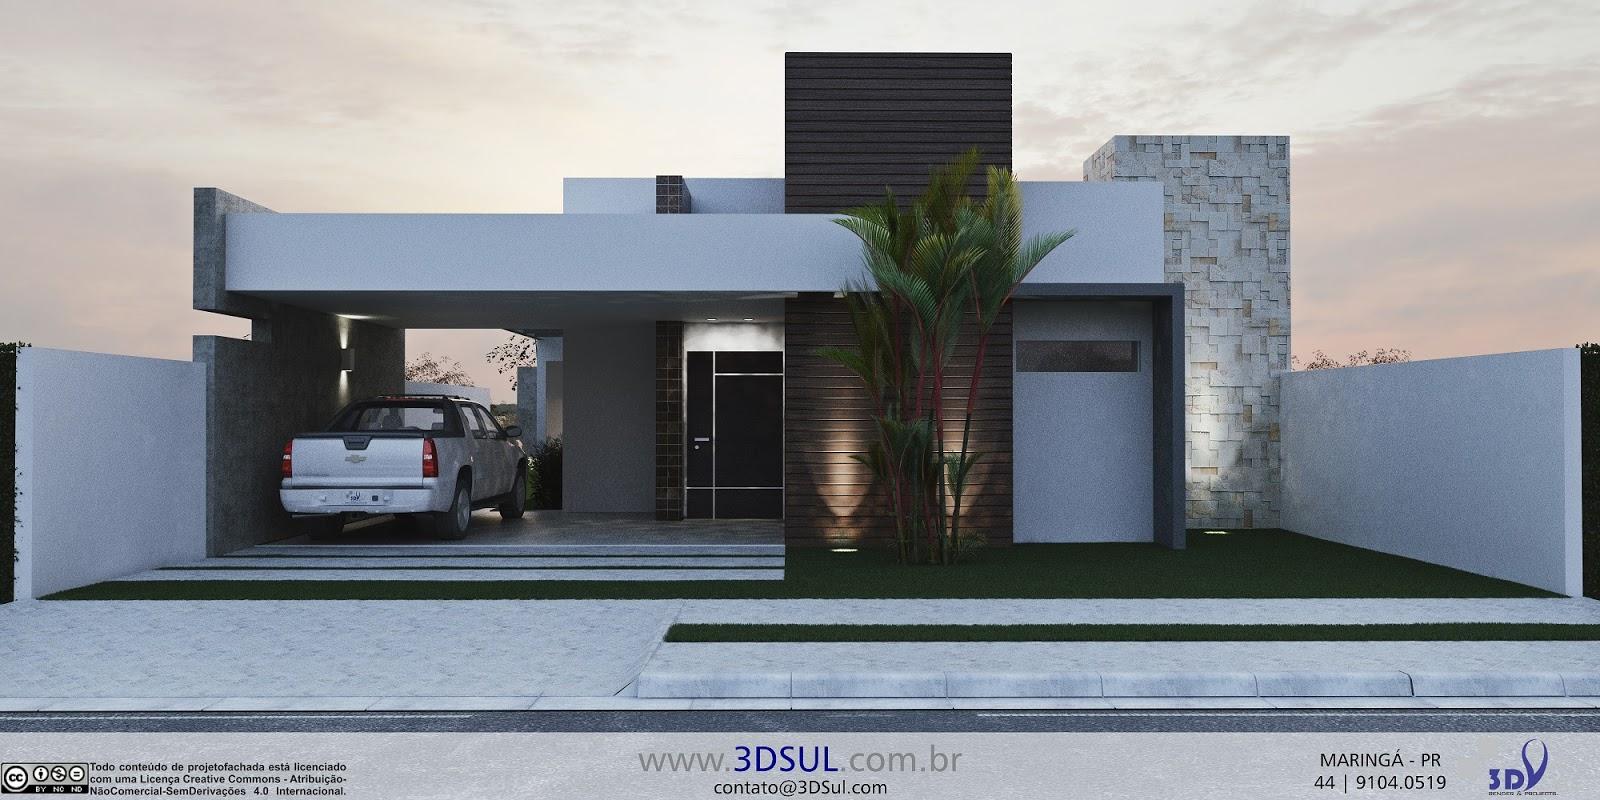 3dsul maquete eletr nica 3d projeto arquitetonico 3d for Casa moderna baratas